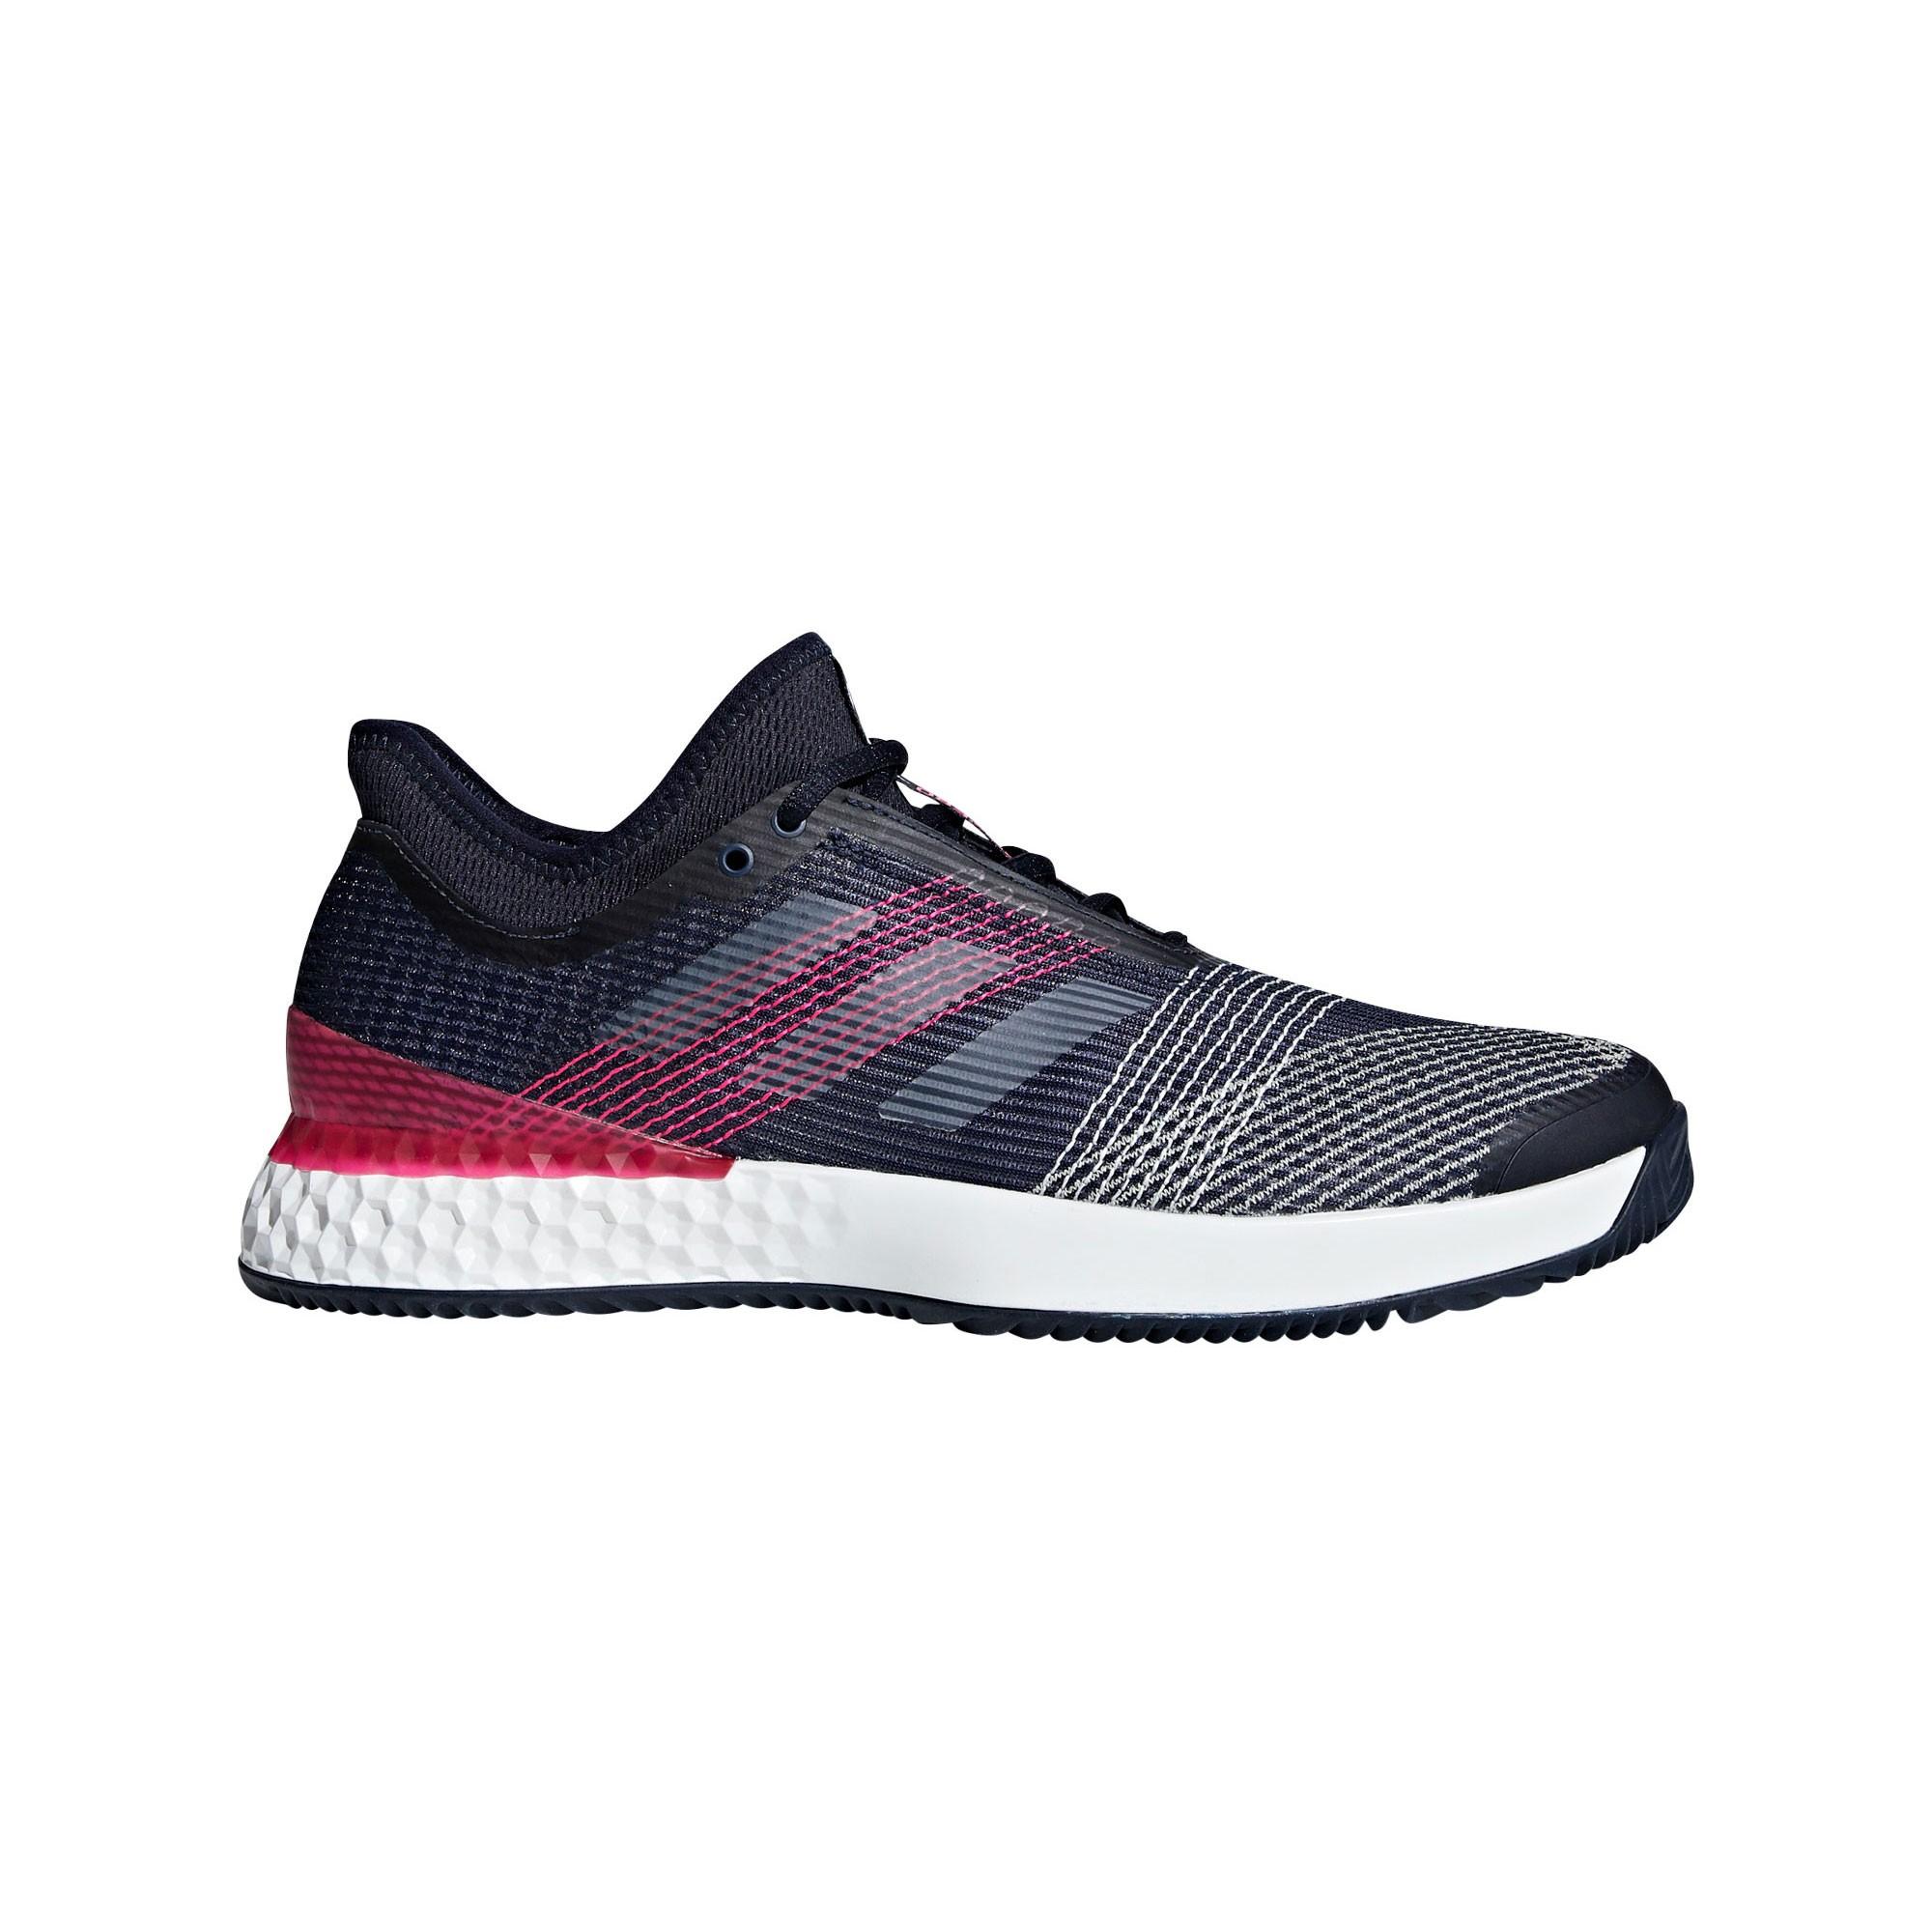 Afbeelding van Adidas Adizero Ubersonic 3.0 Clay AH2106 Tennisschoenen Heren Legend Ink Footwear White Shock Pink